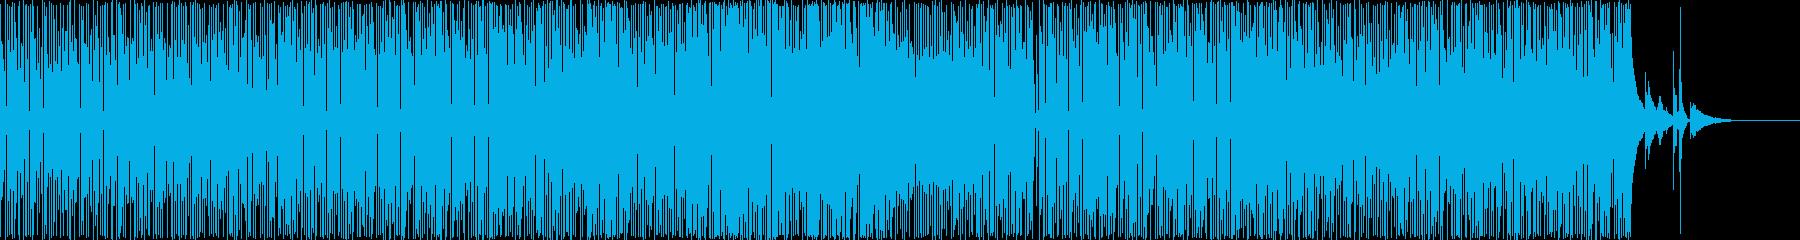 軽快なリズムで綺麗な旋律の楽曲です。様…の再生済みの波形